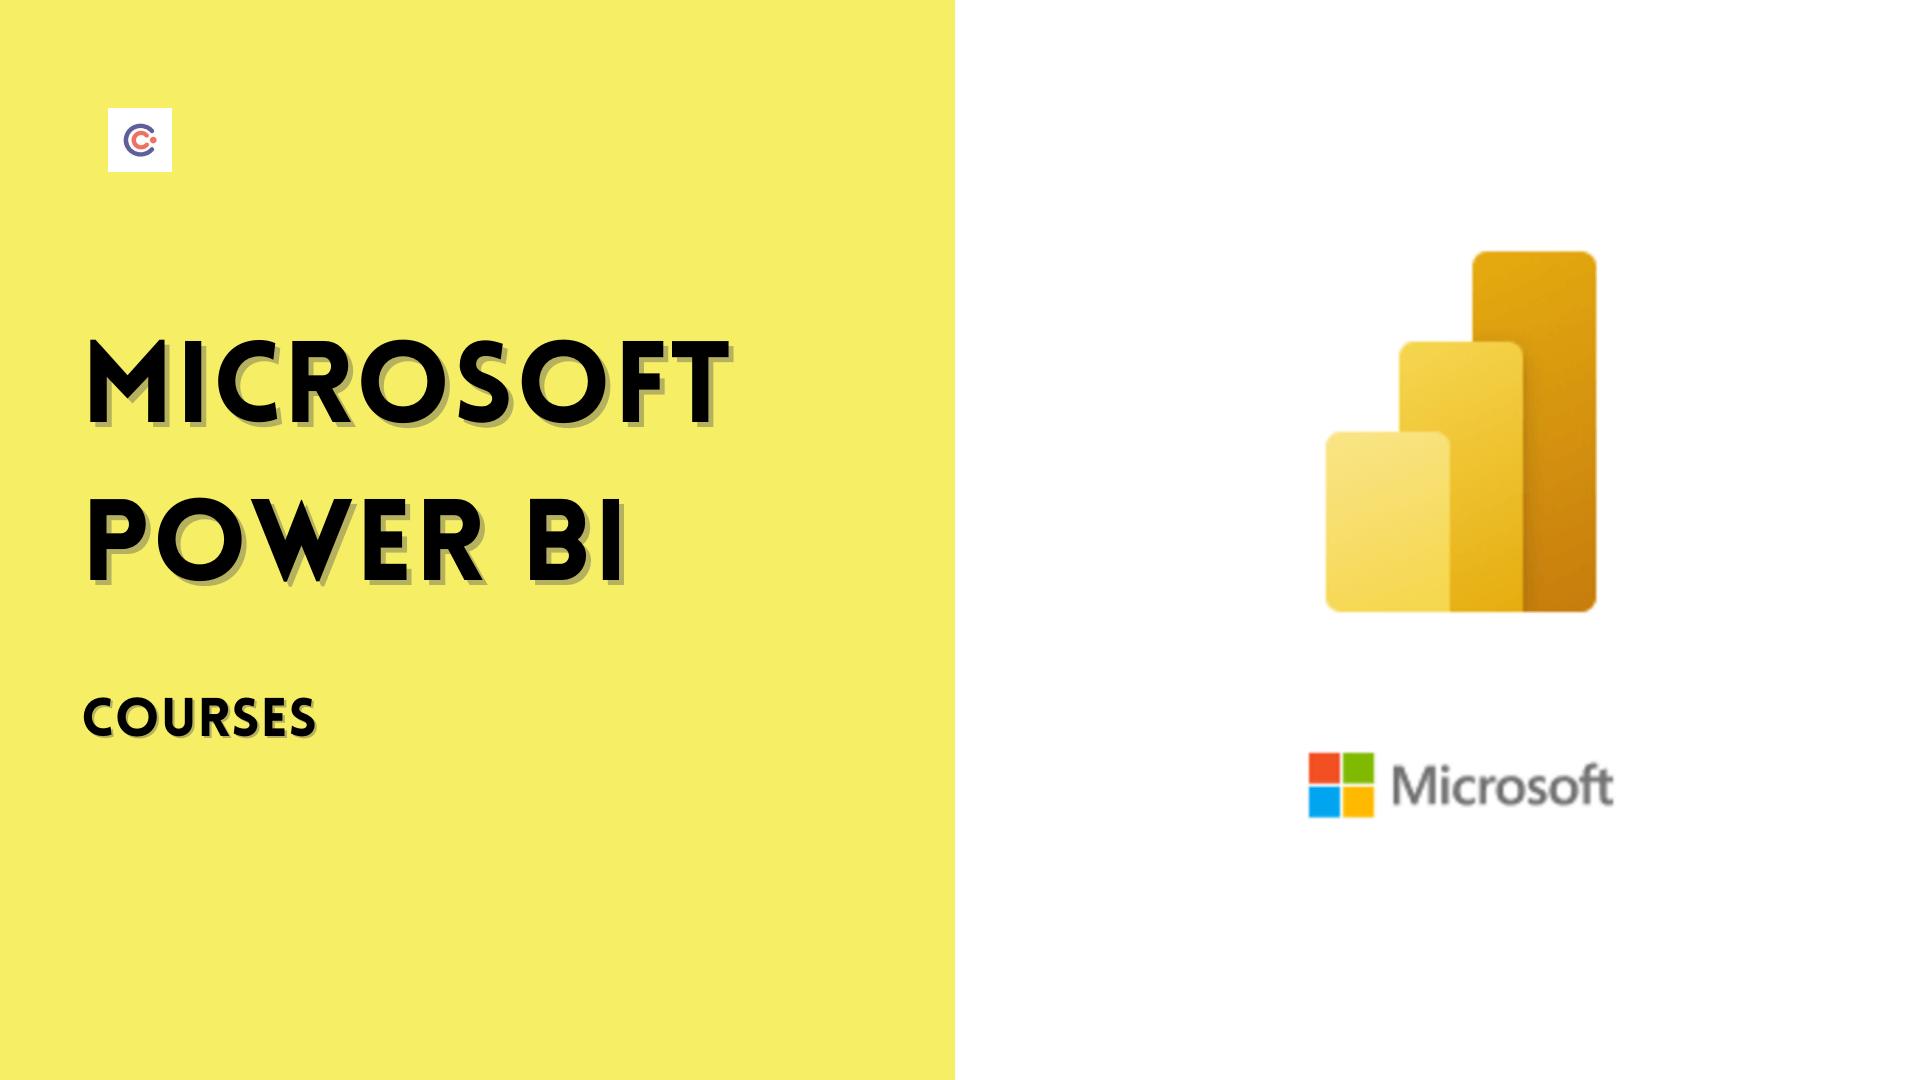 8 Best Microsoft Power BI Courses - Learn Power BI Online